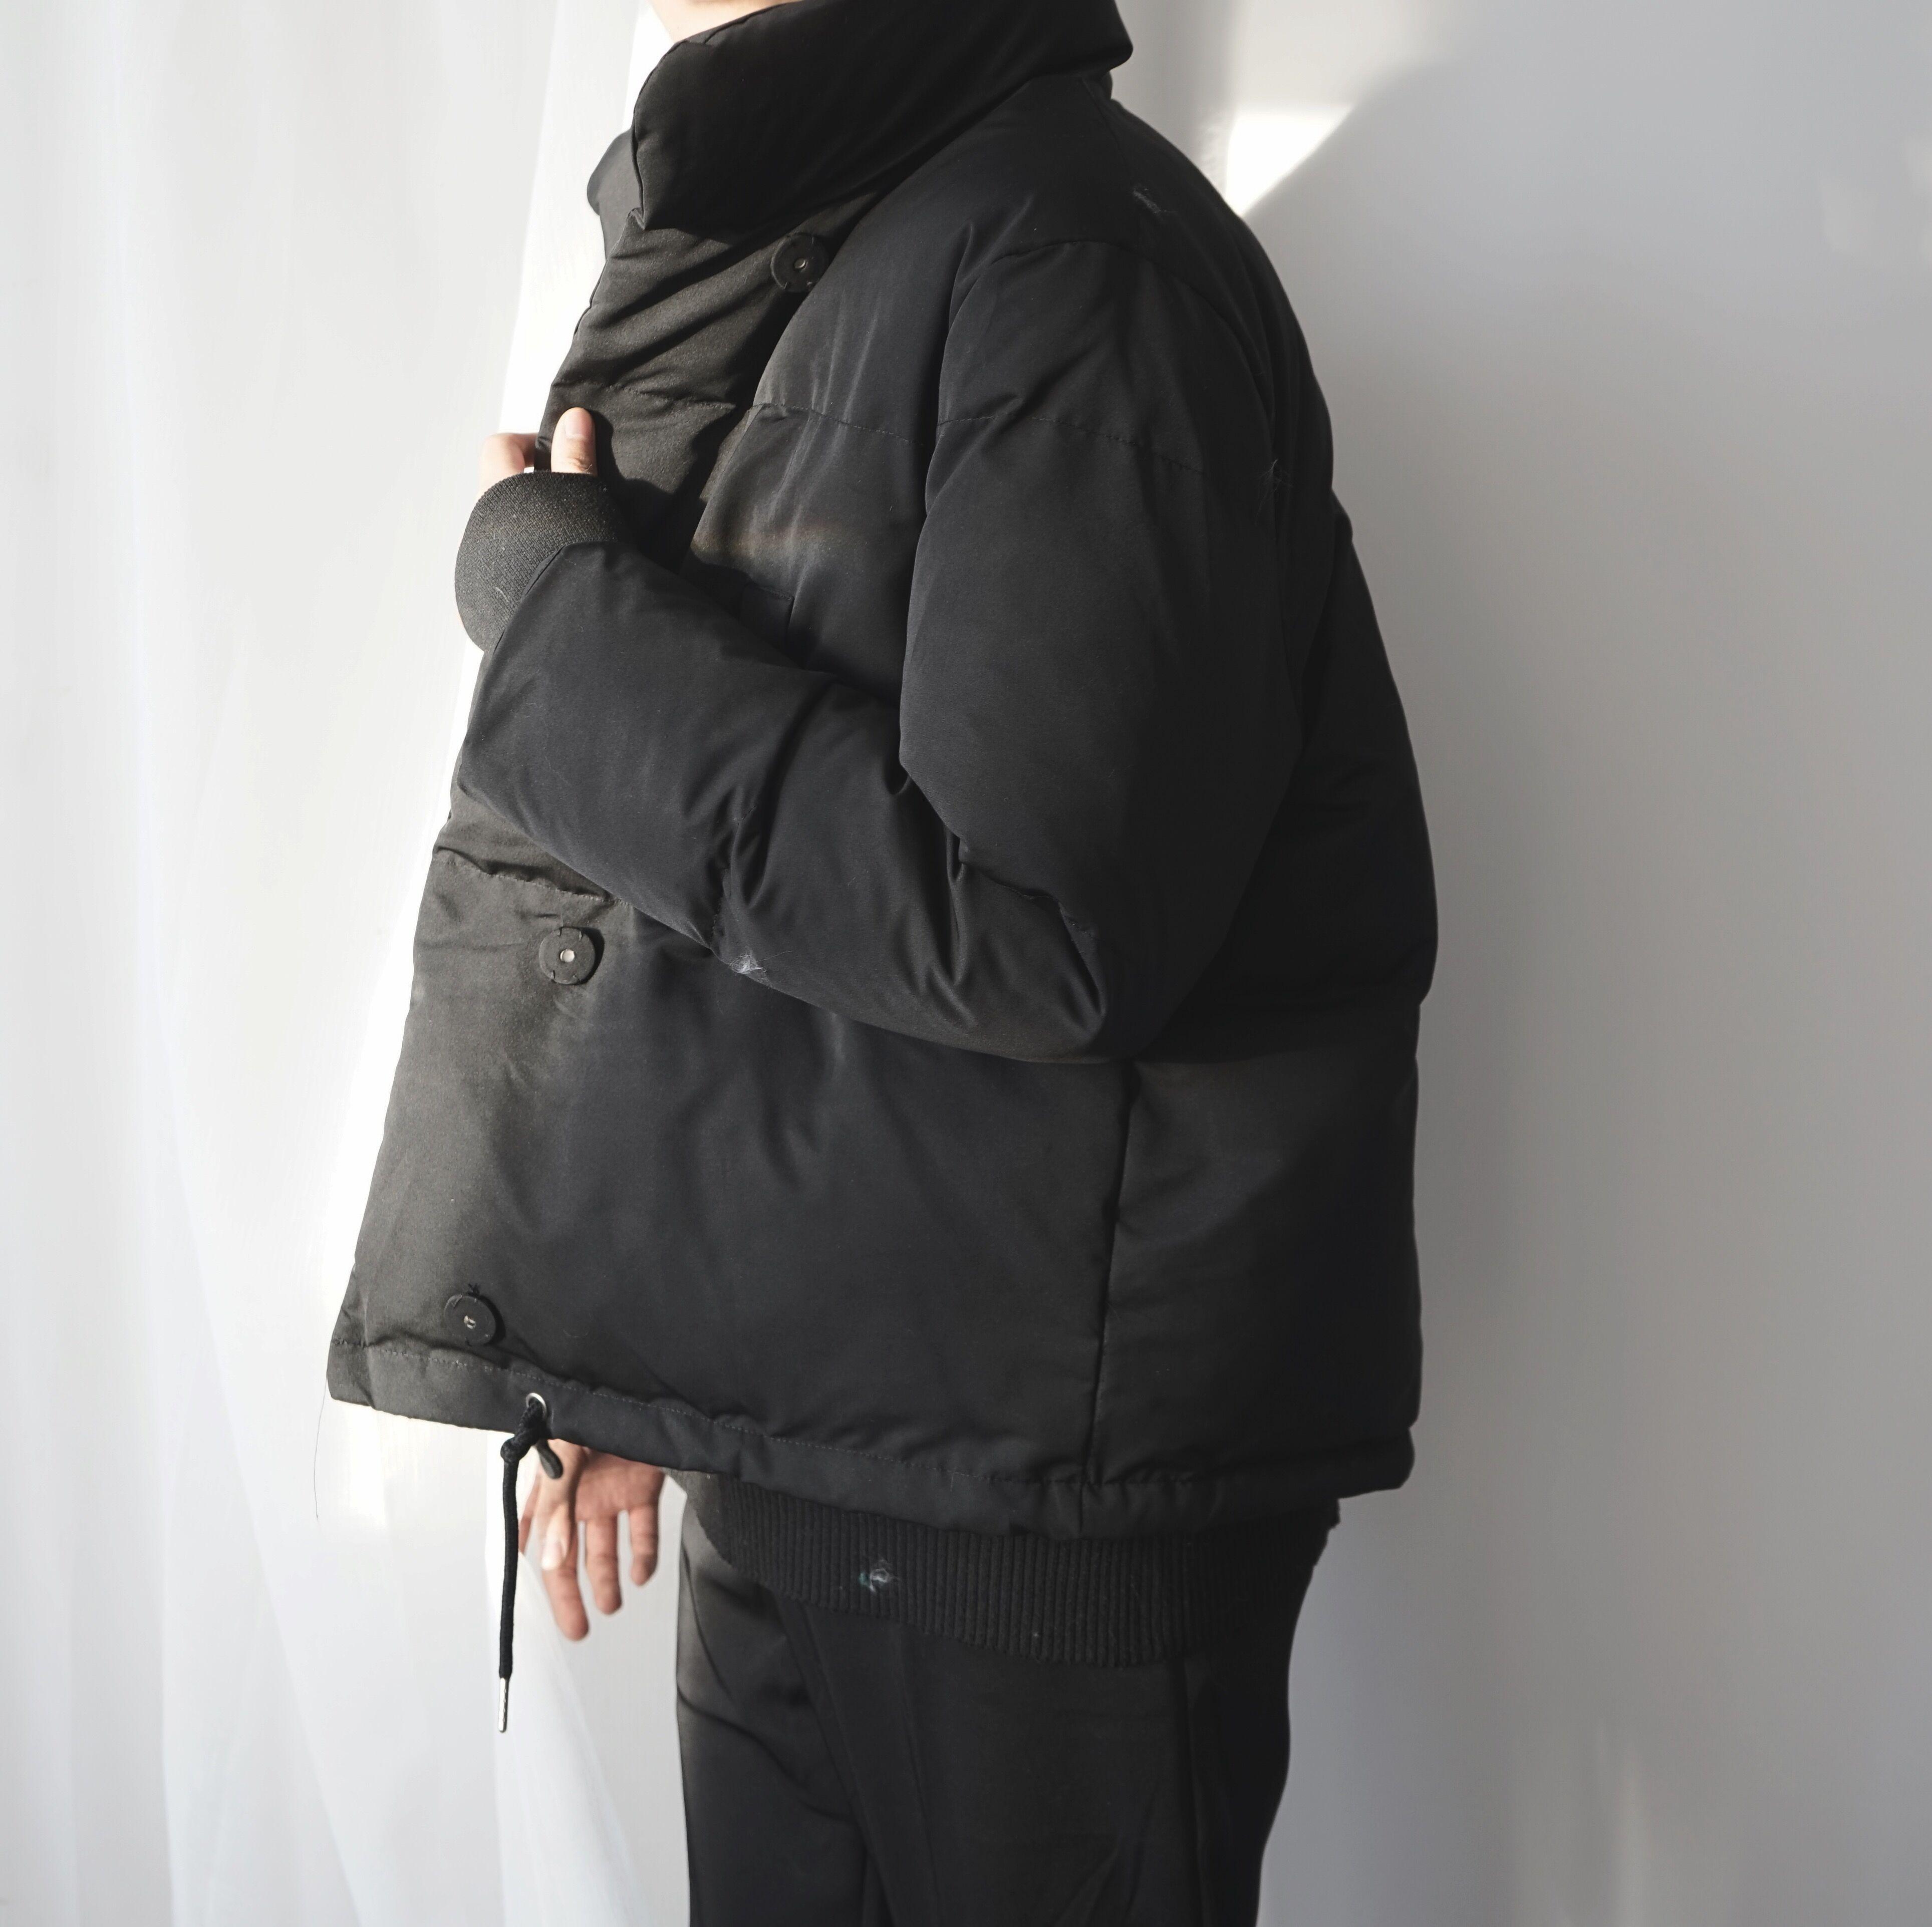 阿茶与阿古加厚保暖黑色韩版简约时髦学院复古棉服棉衣